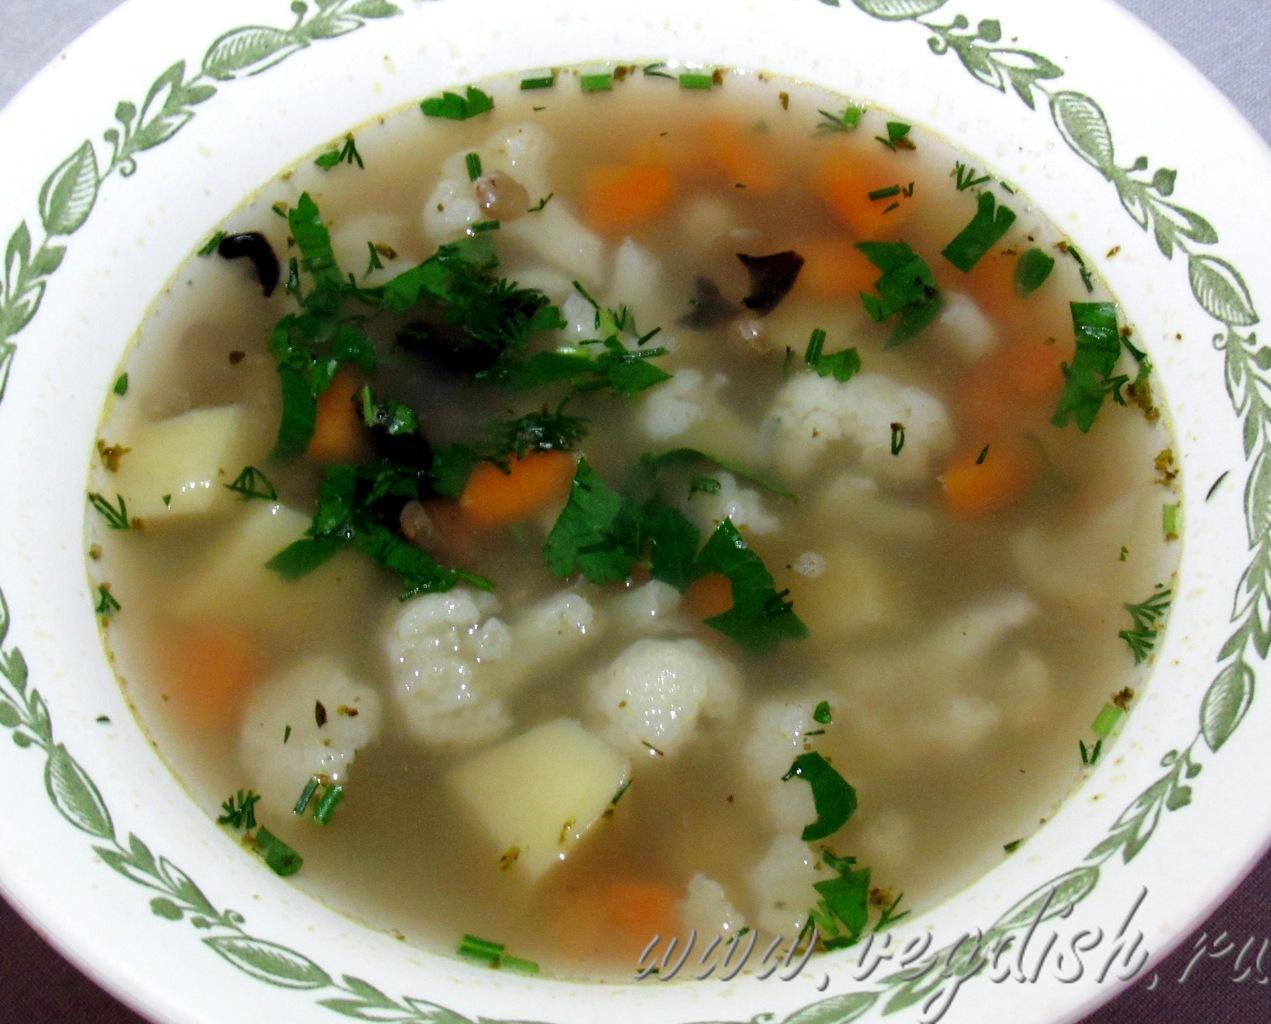 Суп с горохом, чечевицей и цветной капустой